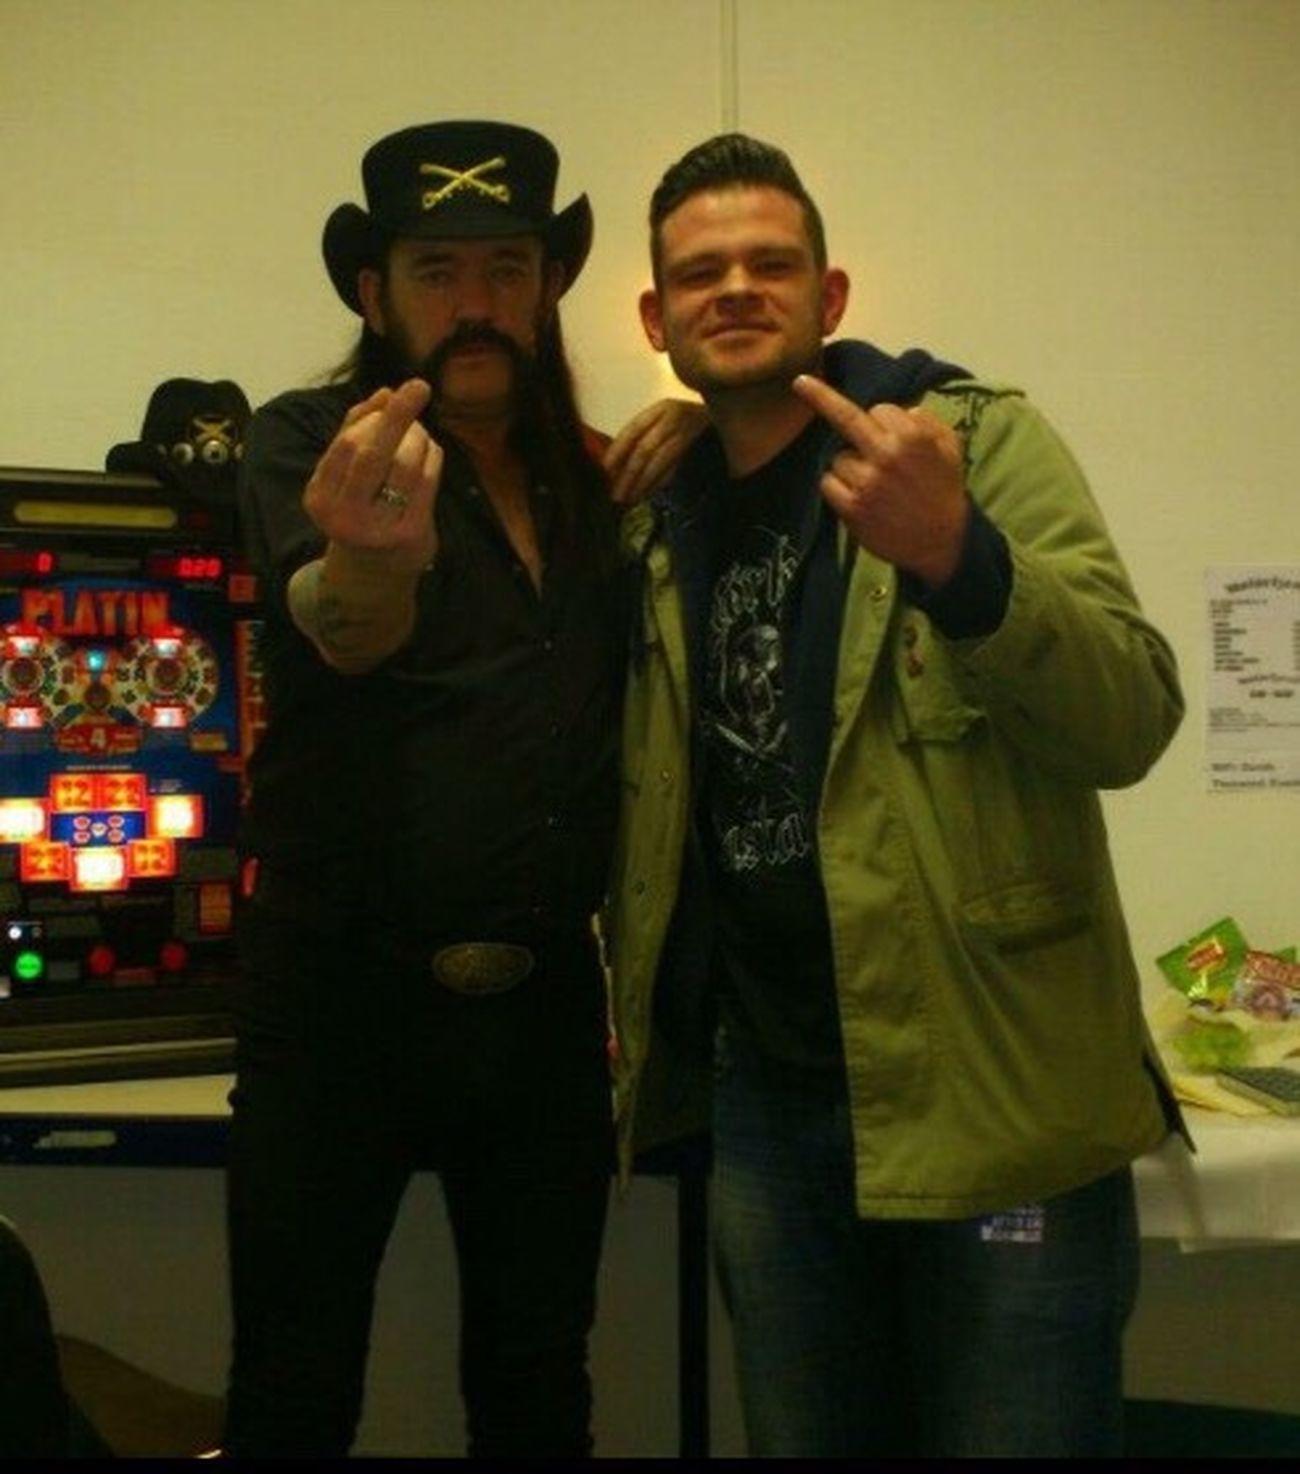 Two People Lemmy LemmyKilmister Motörhead Backstage Rocknroll Rock Music Icon Friends Love ♥ Front View People